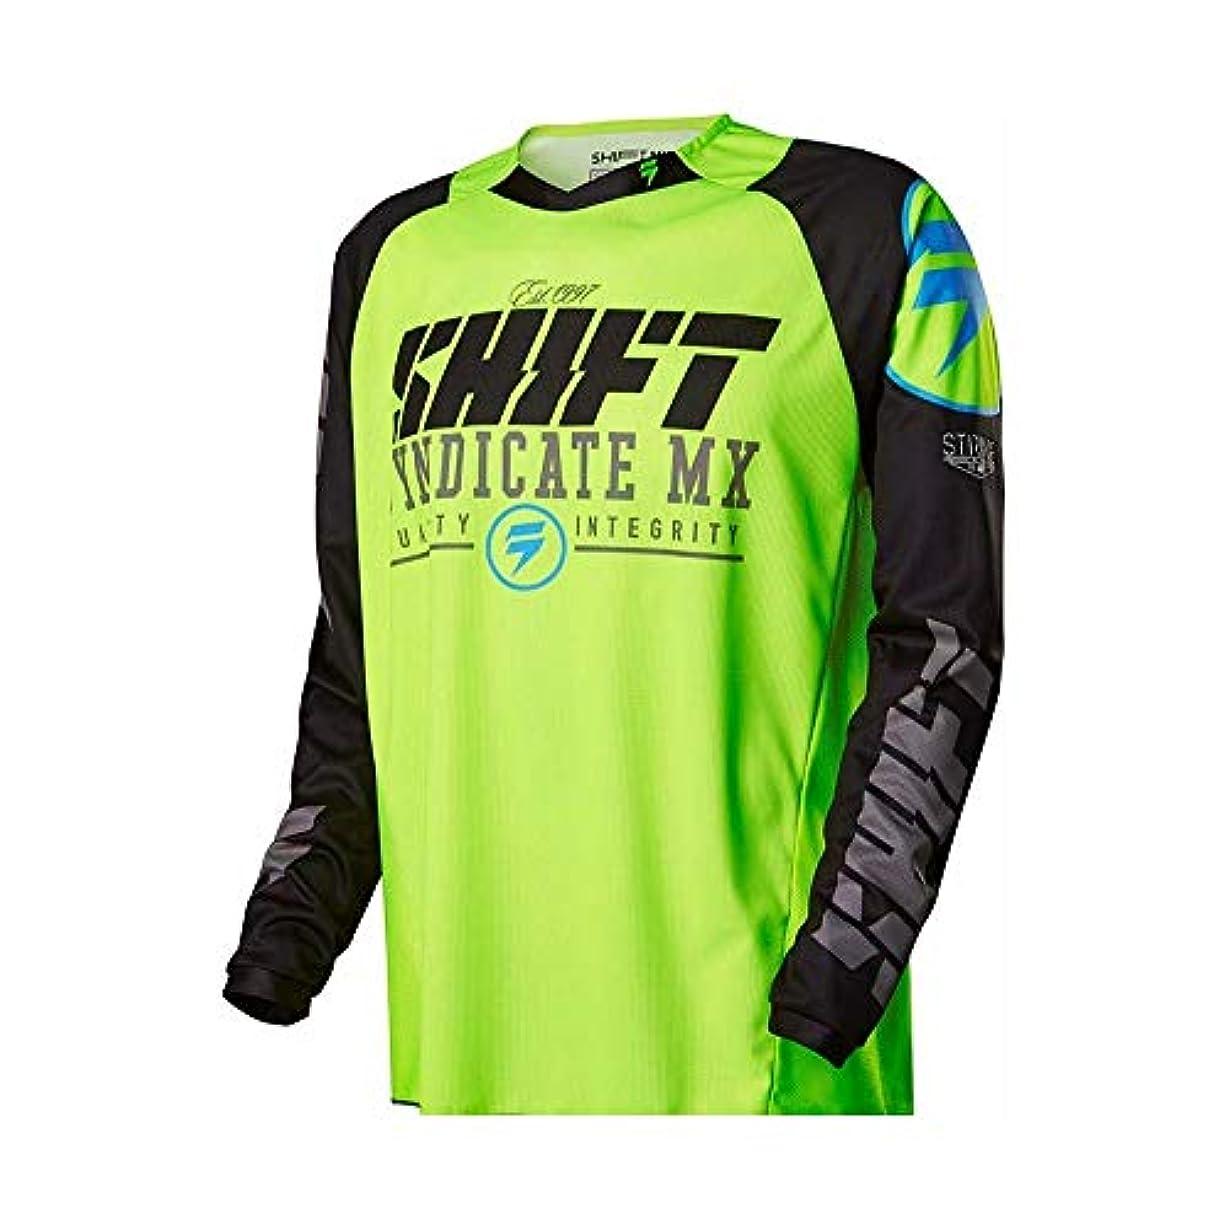 キーさわやかつかの間CXUNKK オートバイのオフロード服に乗って夏のアウトドアライディングスピードの服長袖シャツメンズマウンテンバイク (Color : 13, Size : S)